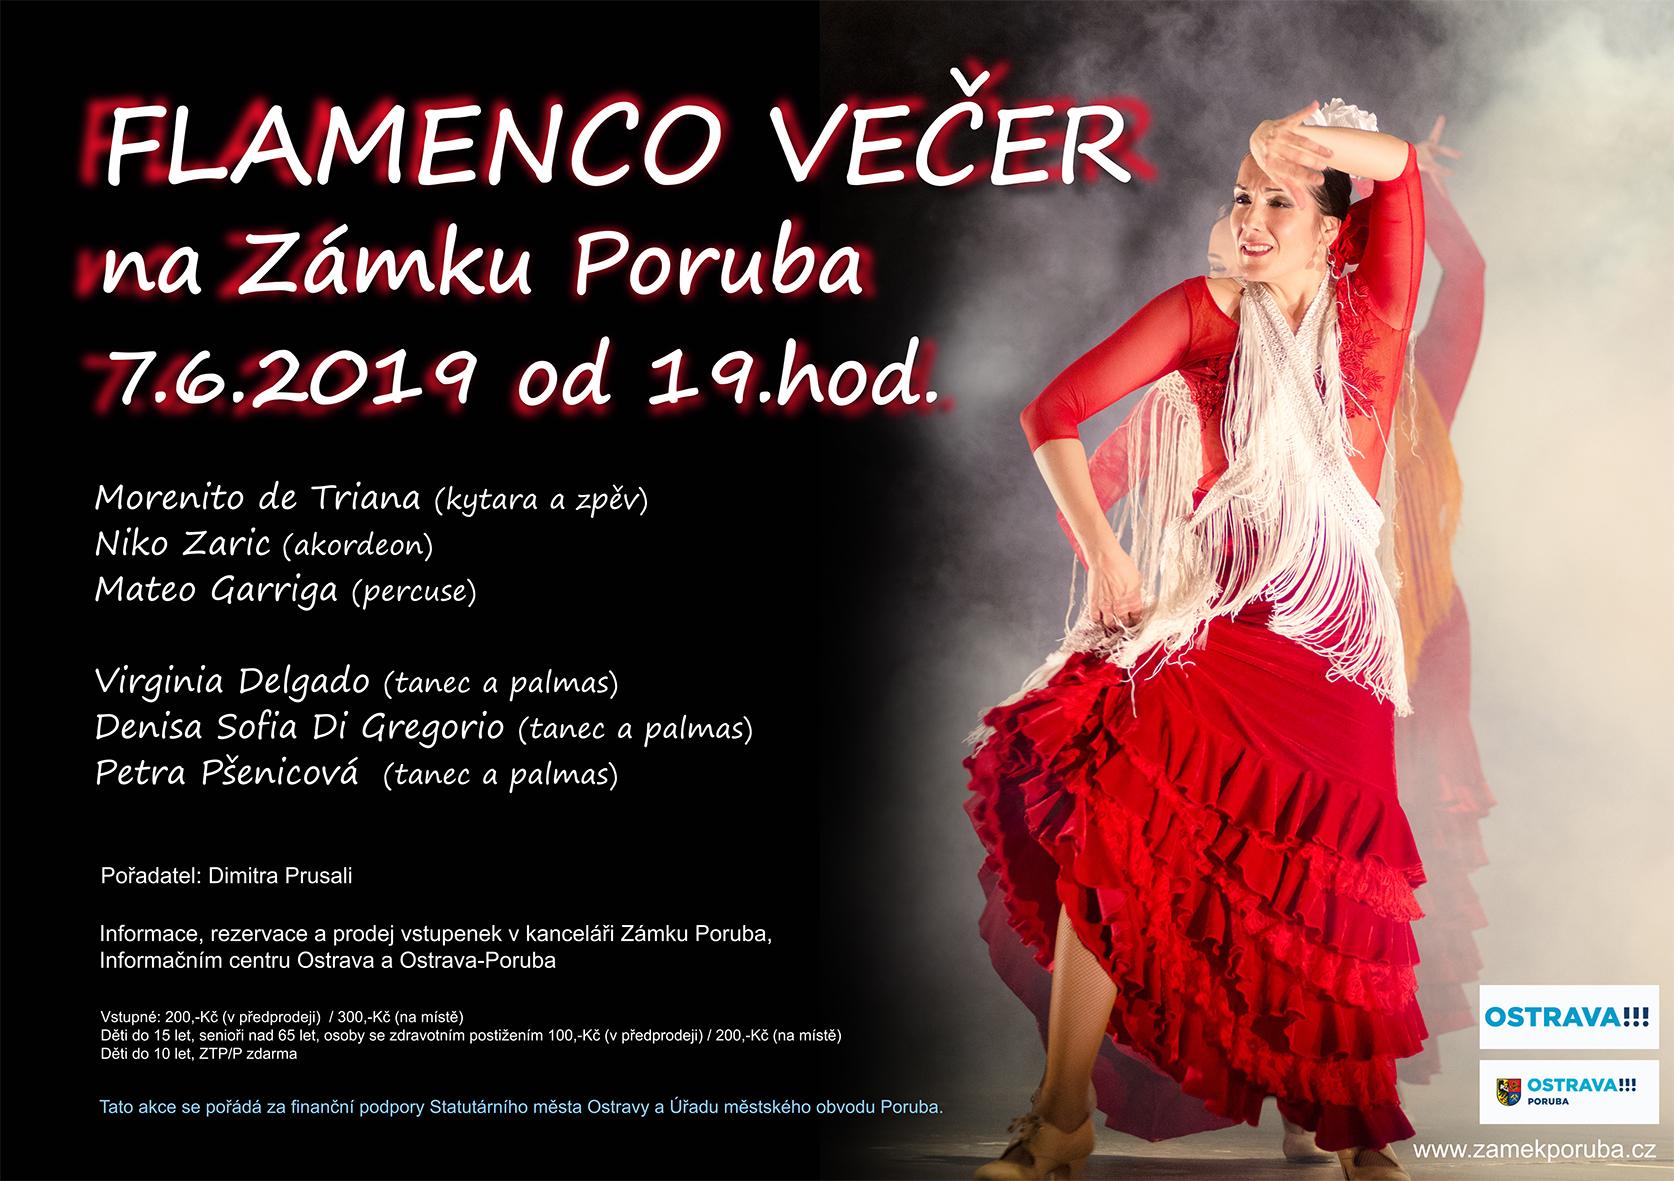 Flamenco večer 7.6.2019 od 19:00 hod.